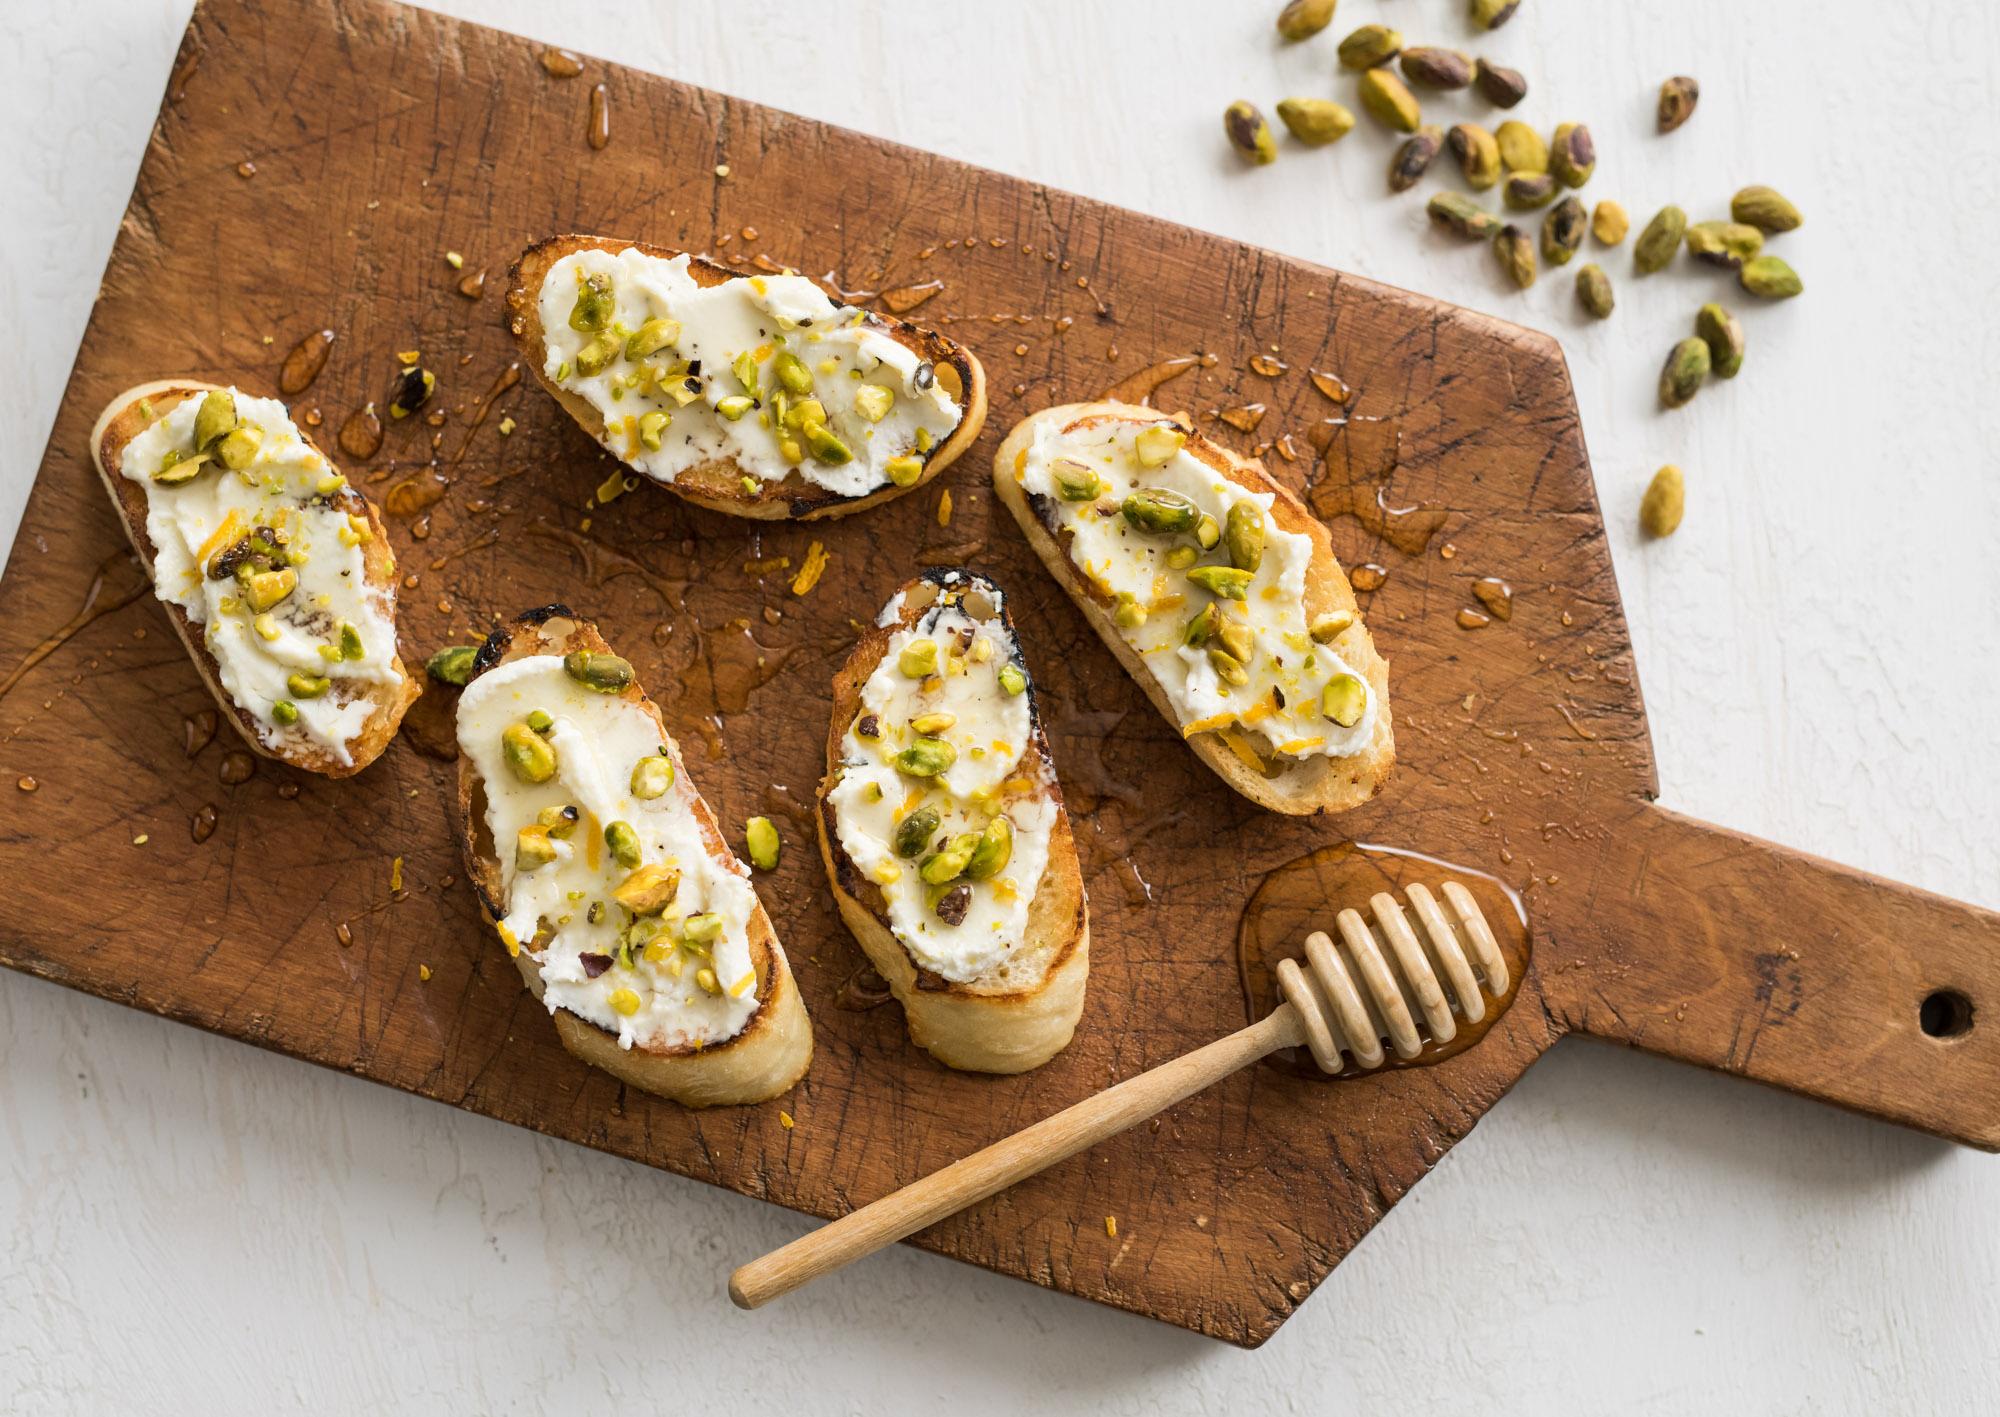 Honey Toast with Ricotta and Pistachios | La Brea Bakery